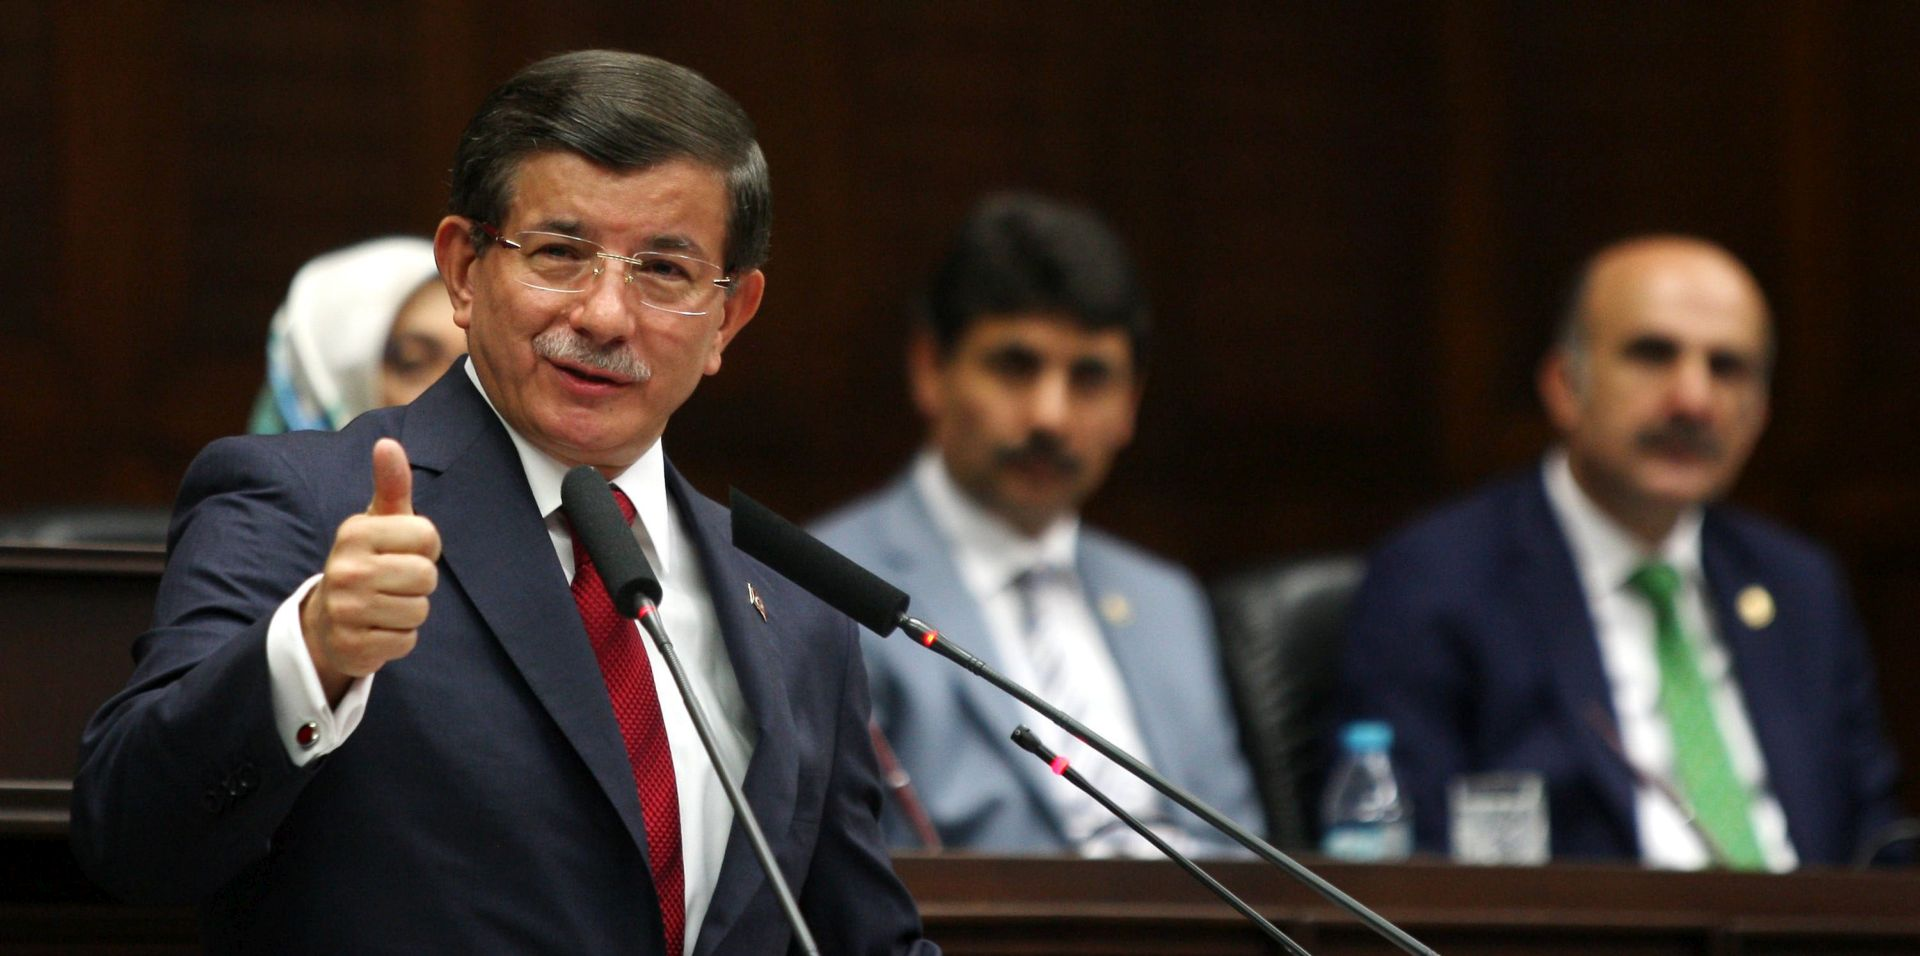 Davutoglu: Mirovni plan nije obvezujuć u slučaju da bude ugrožena sigurnost Turske